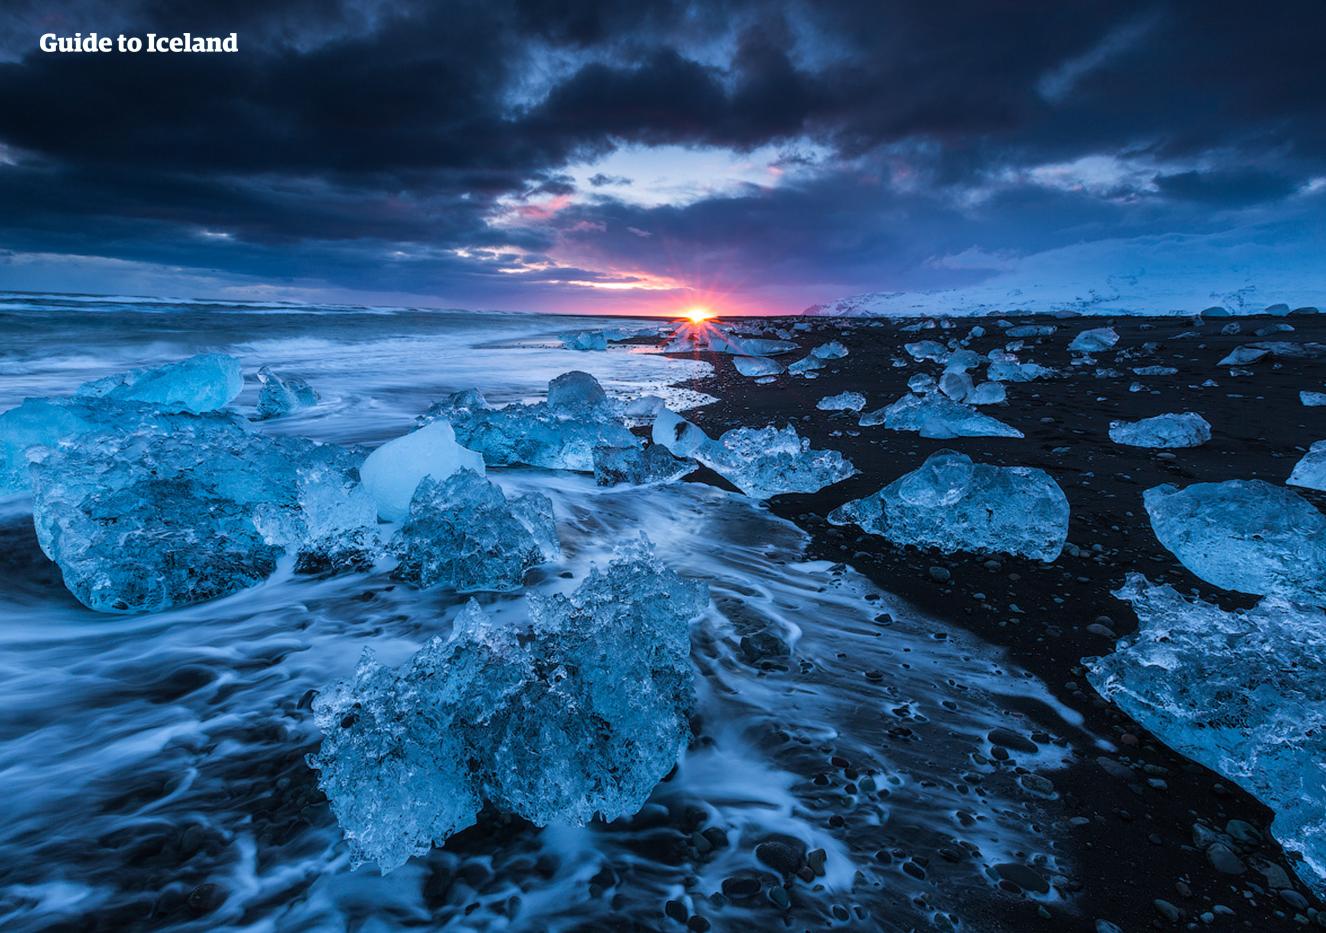 På en kør selv-vinterferie kan du besøge Diamantstranden om aftenen og se solnedgangen blandt glinsende isbjerge.